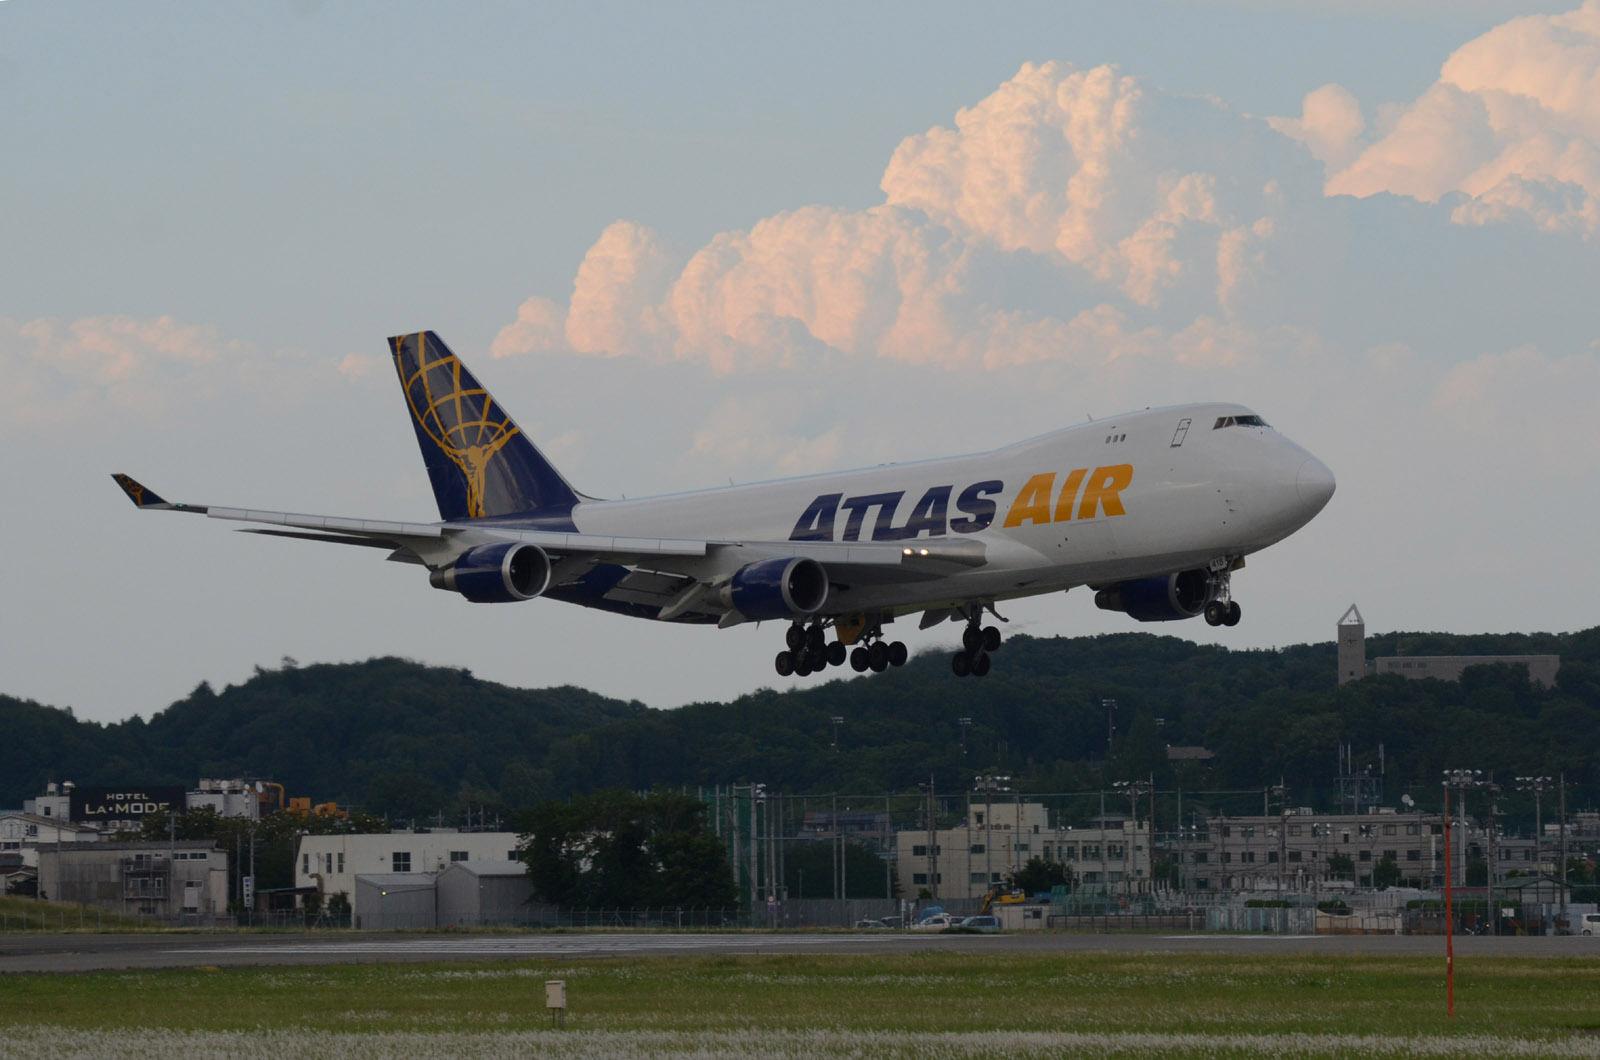 Atlas140614g896